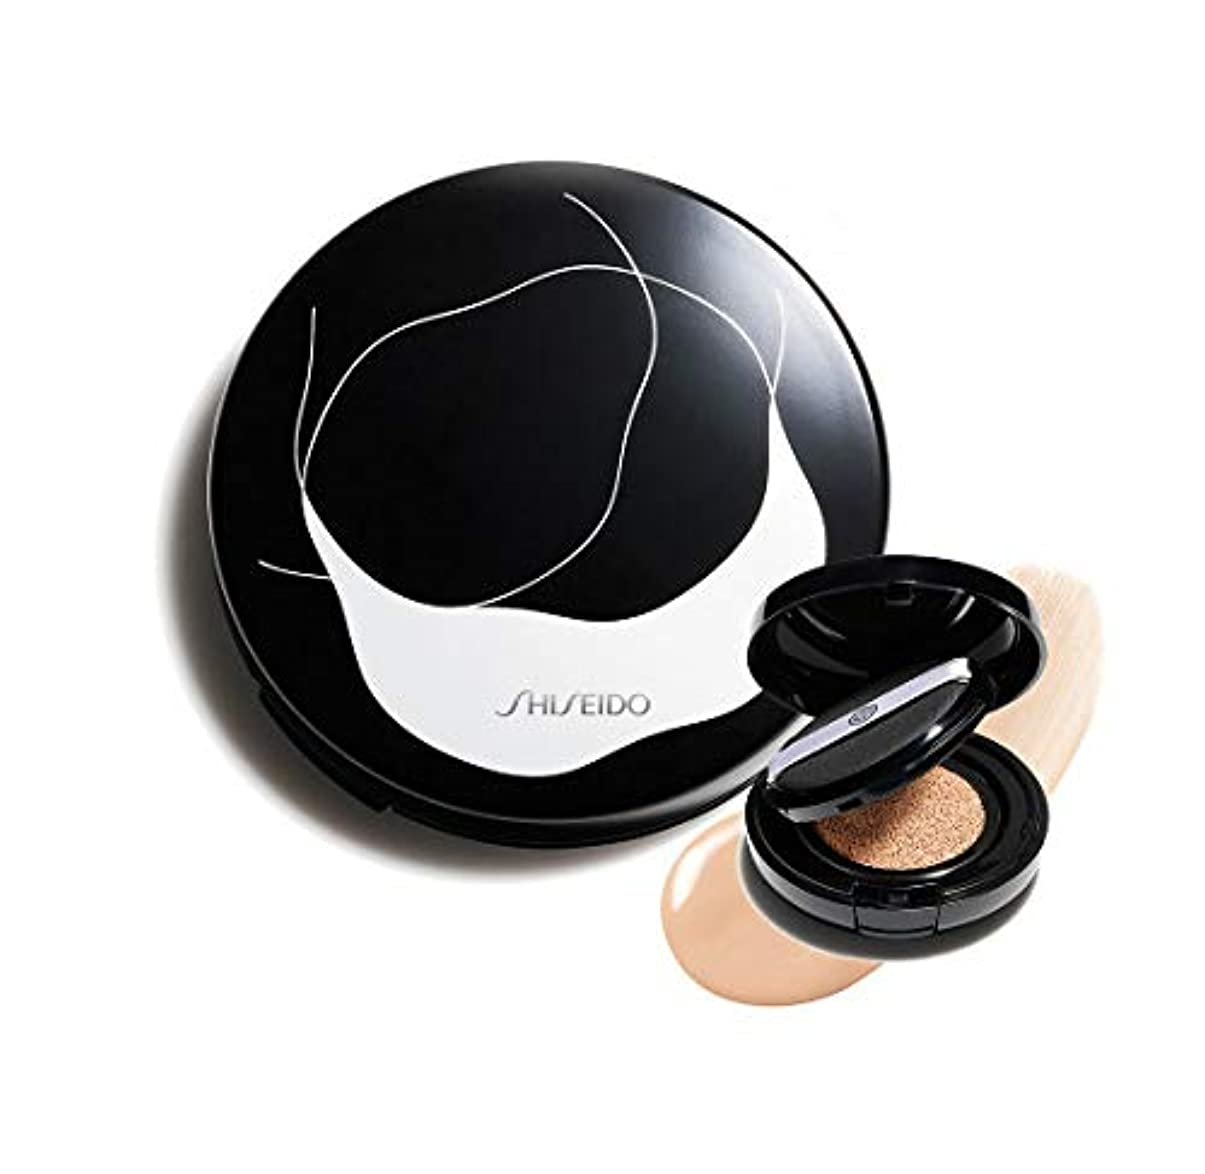 信頼活力強調するSHISEIDO 資生堂 シンクロスキン グロー クッションコンパクト オークル10 Golden 2 - レフィル&ケースのセット